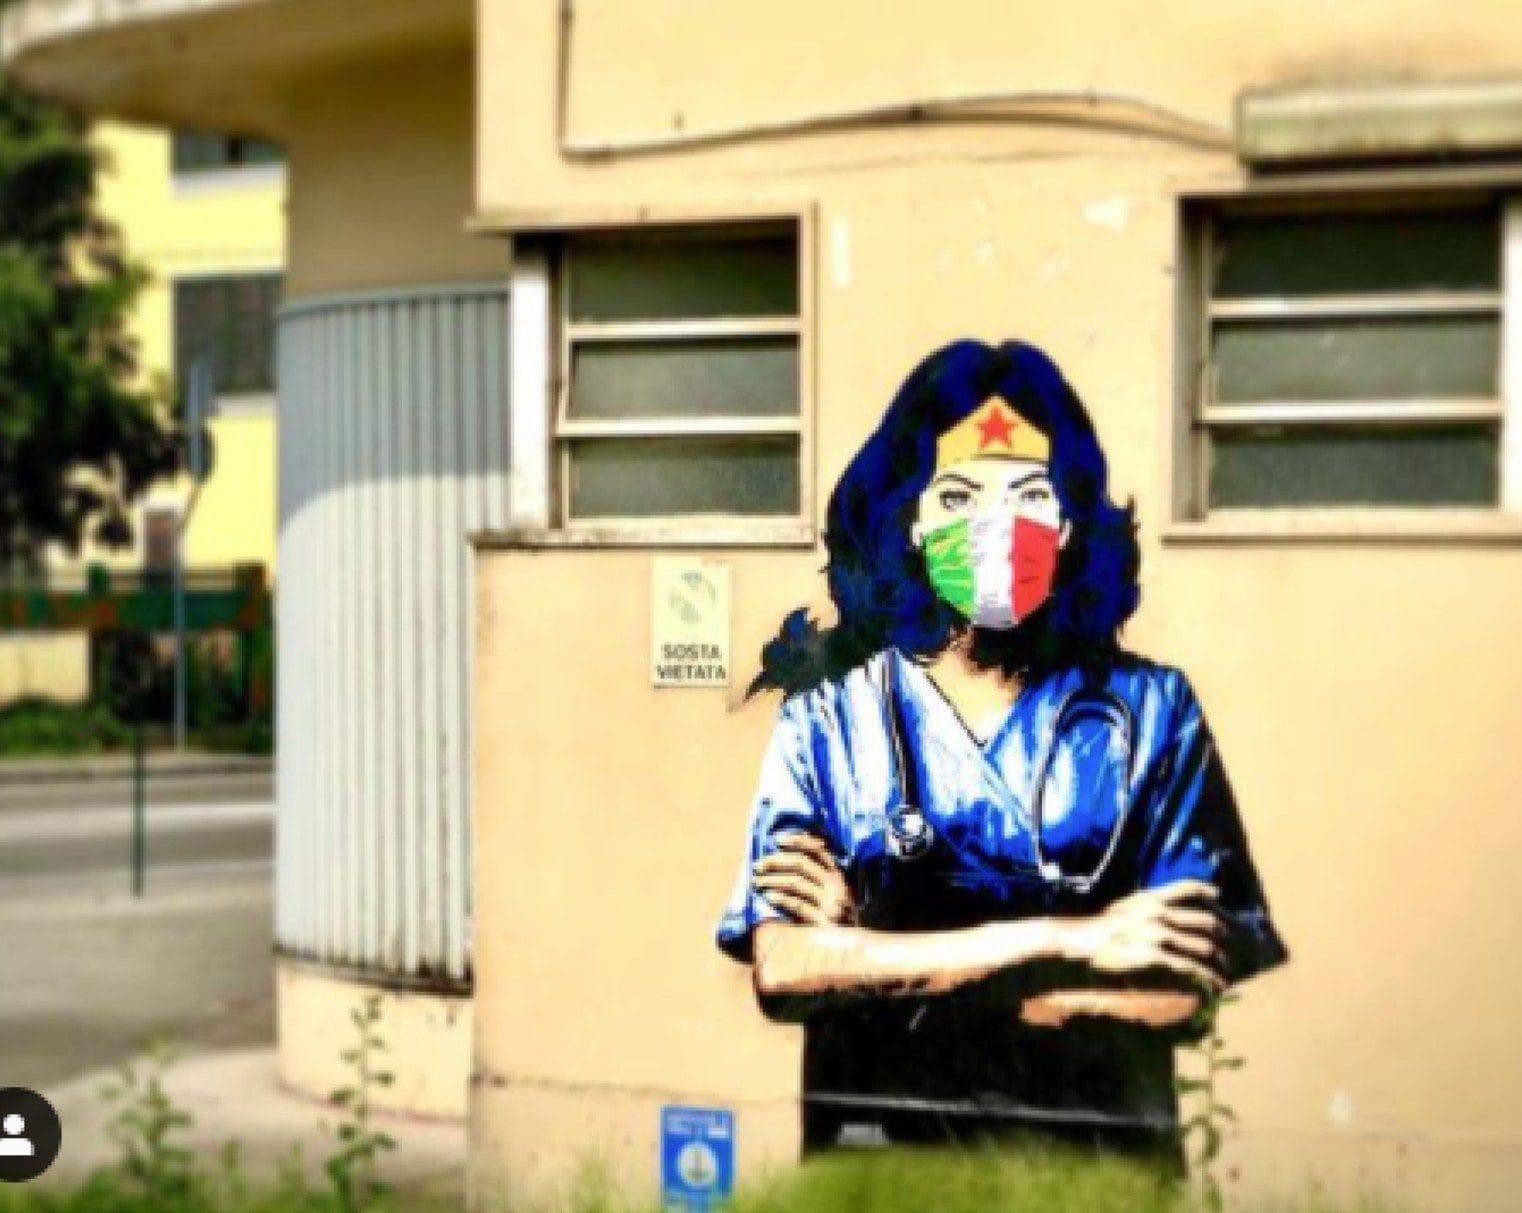 Il murales prima dell'atto di vandalismo (Fonte: Instagram)